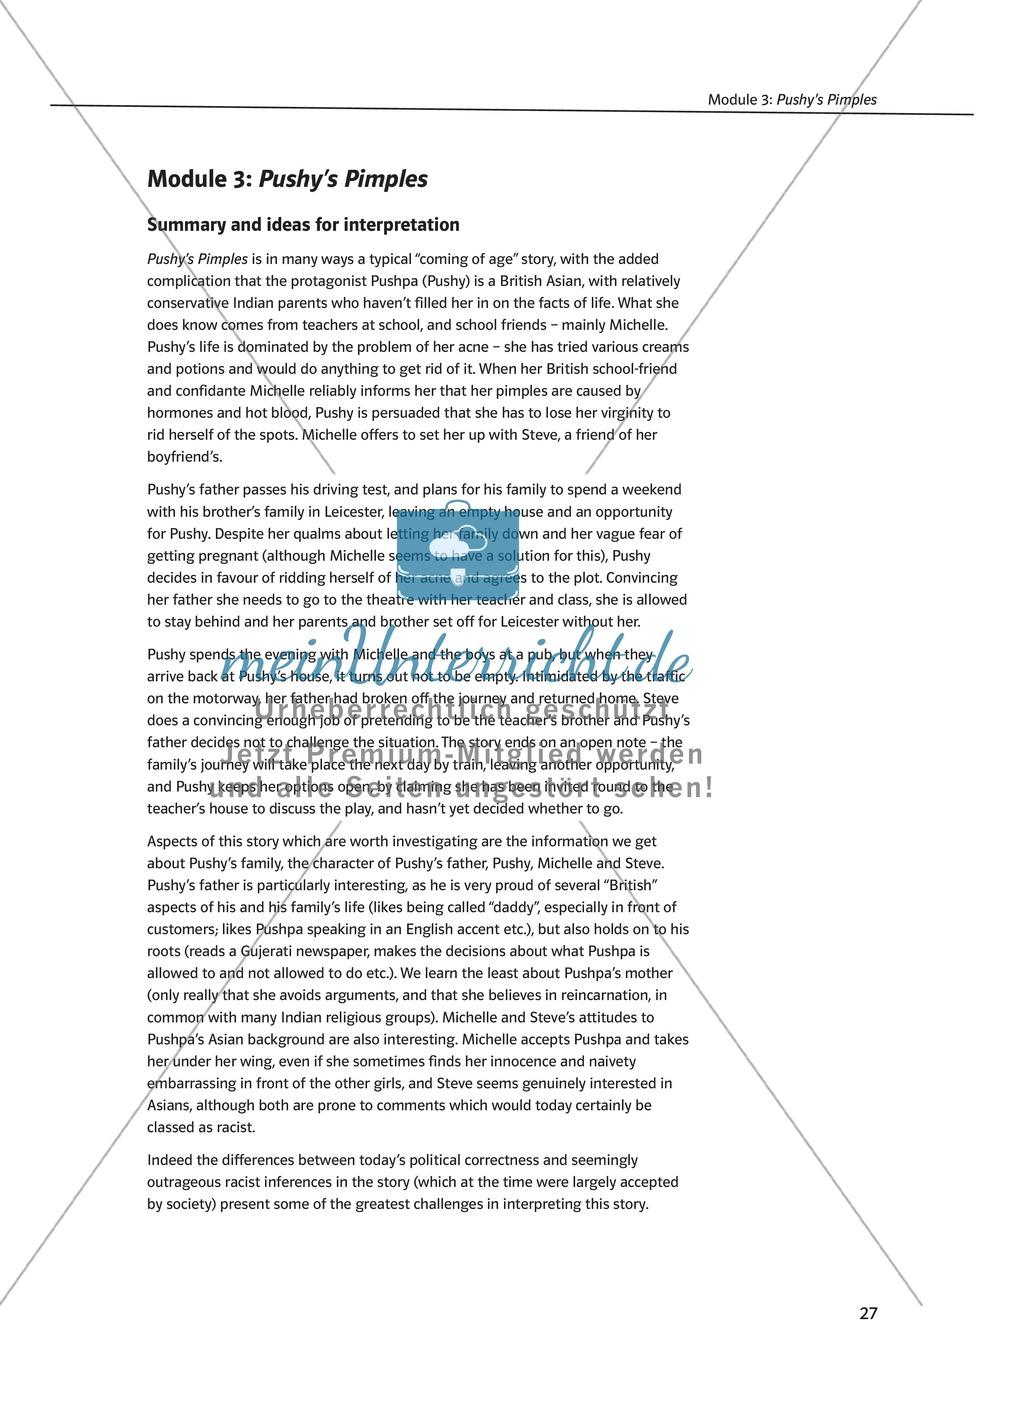 Pushy's Pimples: Zusammenfassung + Aufgaben + Arbeitsblätter Preview 0